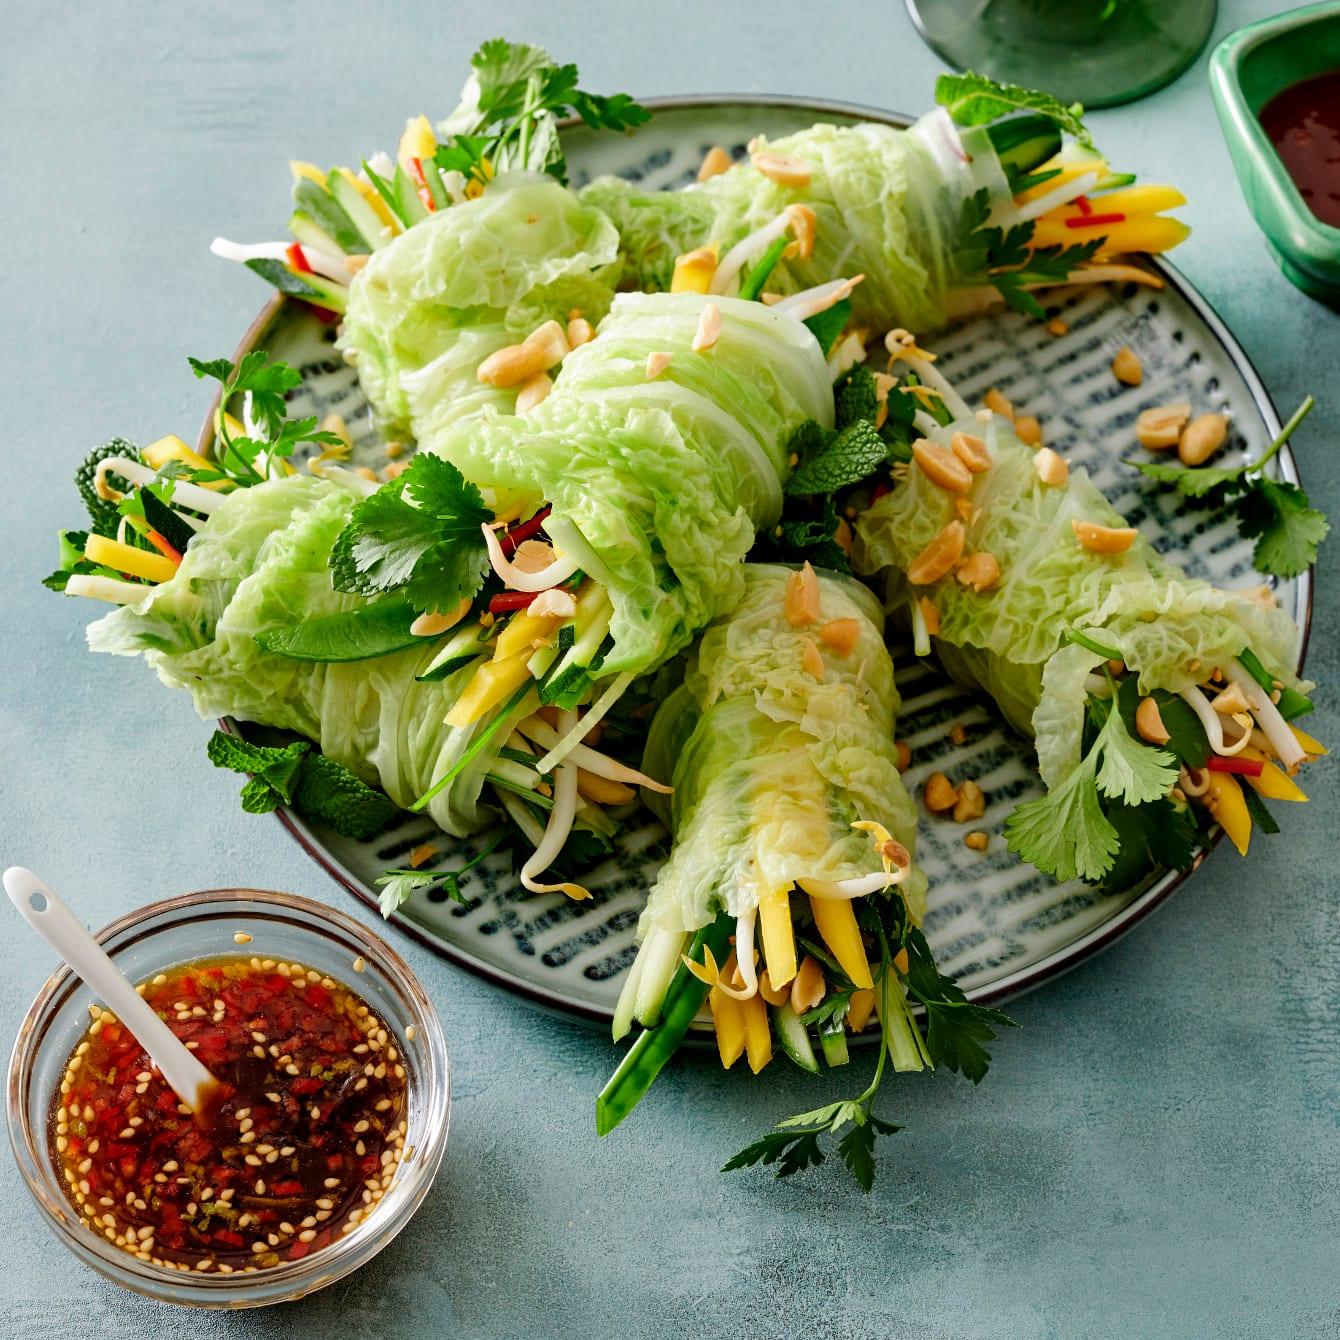 Fris groentenrolletje